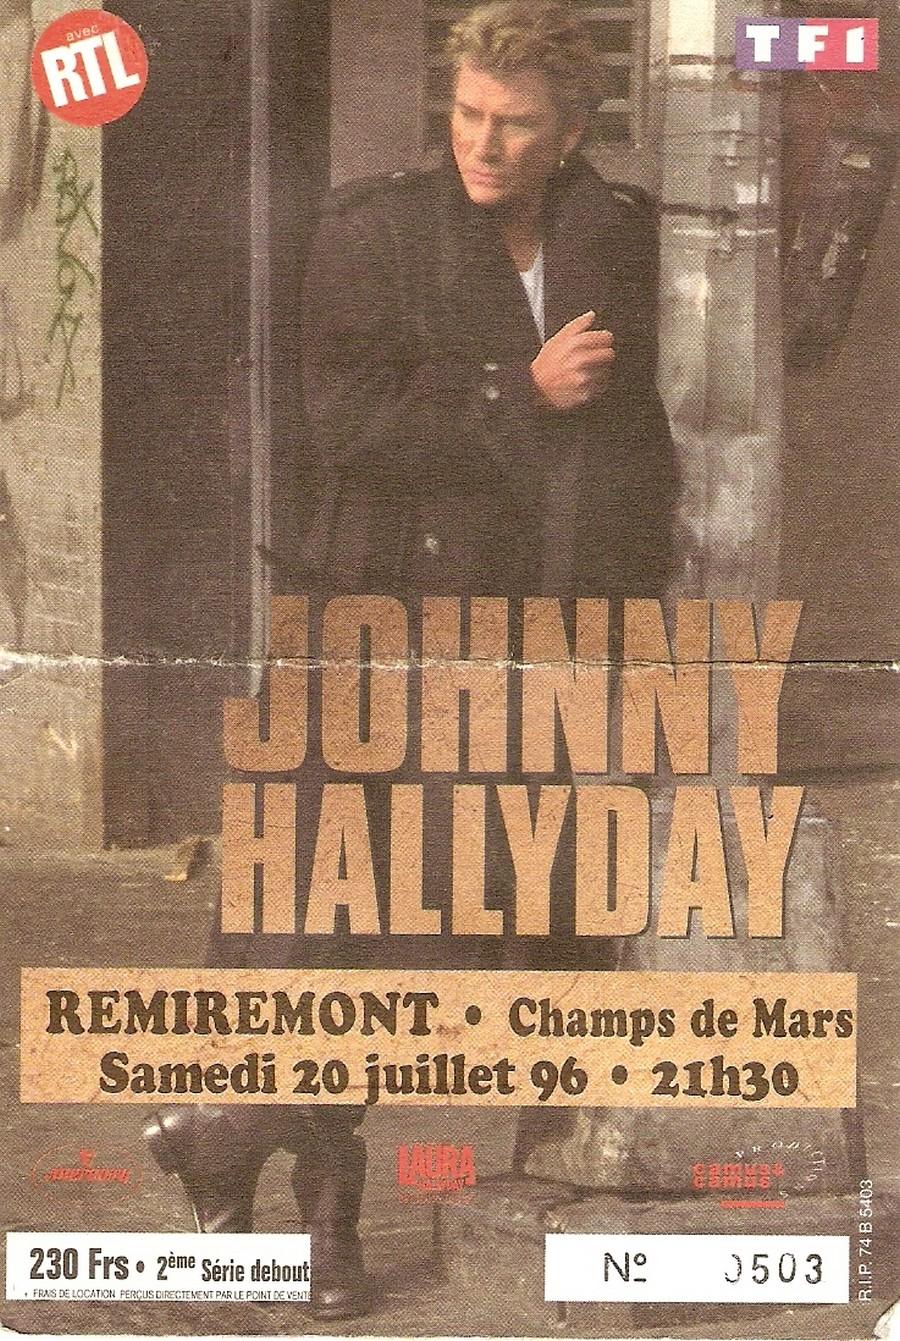 LES CONCERTS DE JOHNNY 'REMIREMONT 1996' Sans_869